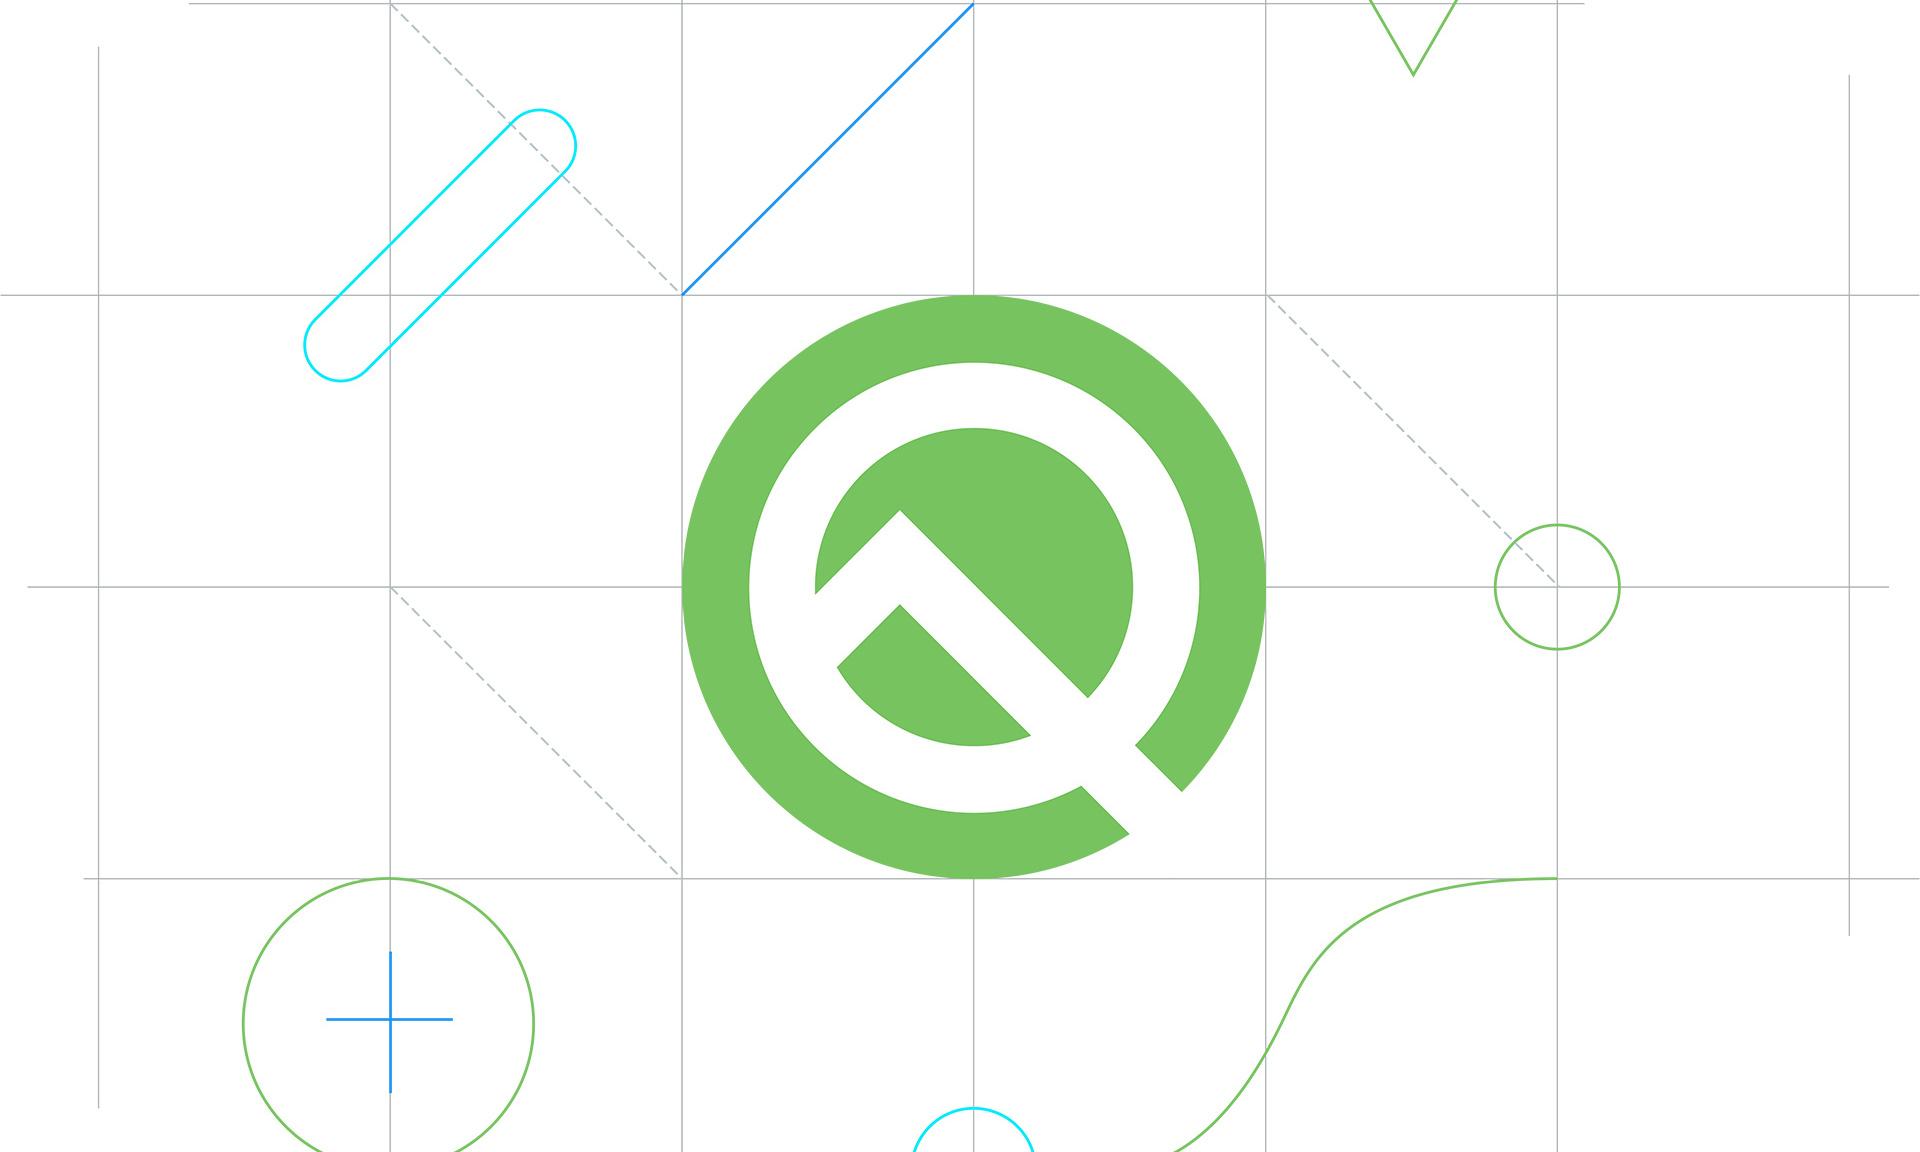 安卓Q又有新改进:谷歌优化全面屏手势,不再出现误操作烦恼